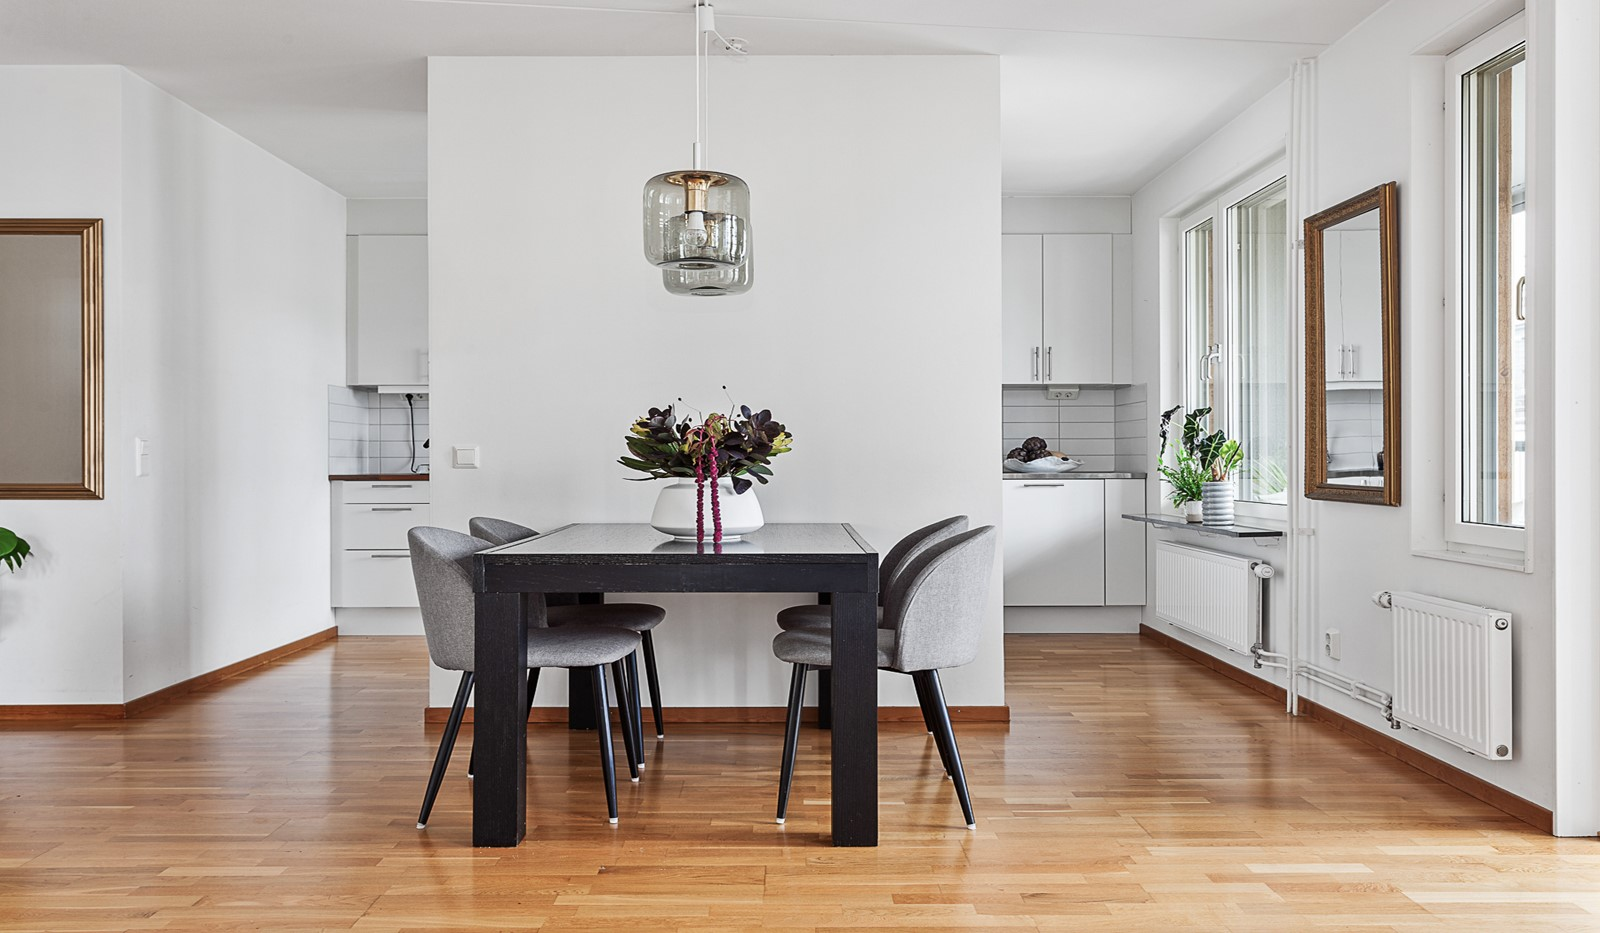 Grönbrinksgatan 10, 5 tr - I vardagsrummet ryms en ordentlig matplats